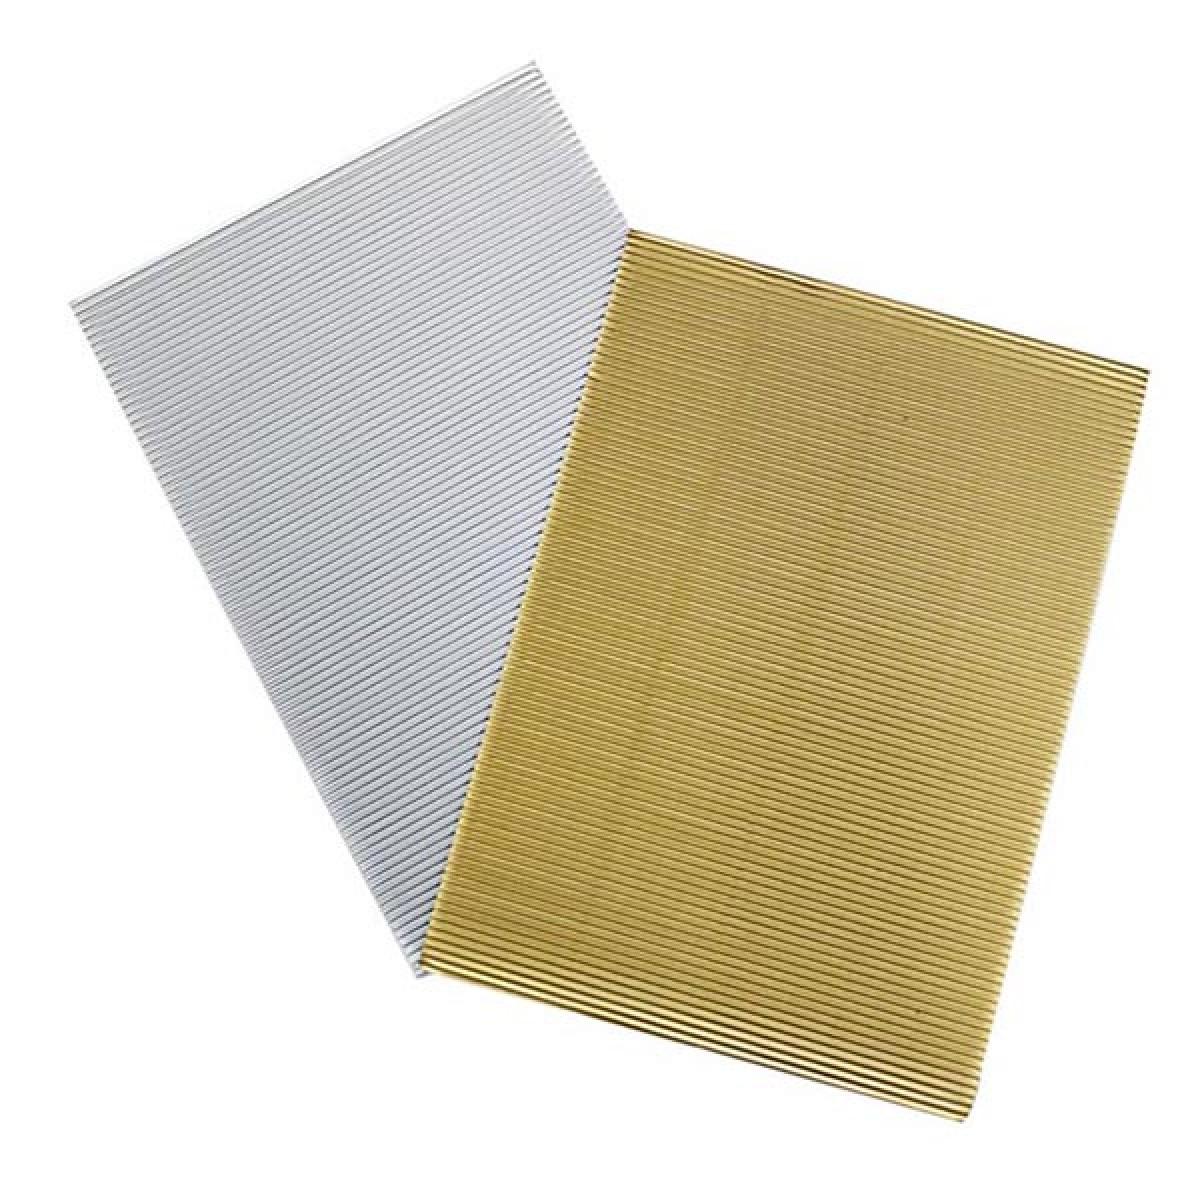 Χαρτόνι Οντουλέ (Χρυσό - Ασημί) Χαρτόνια